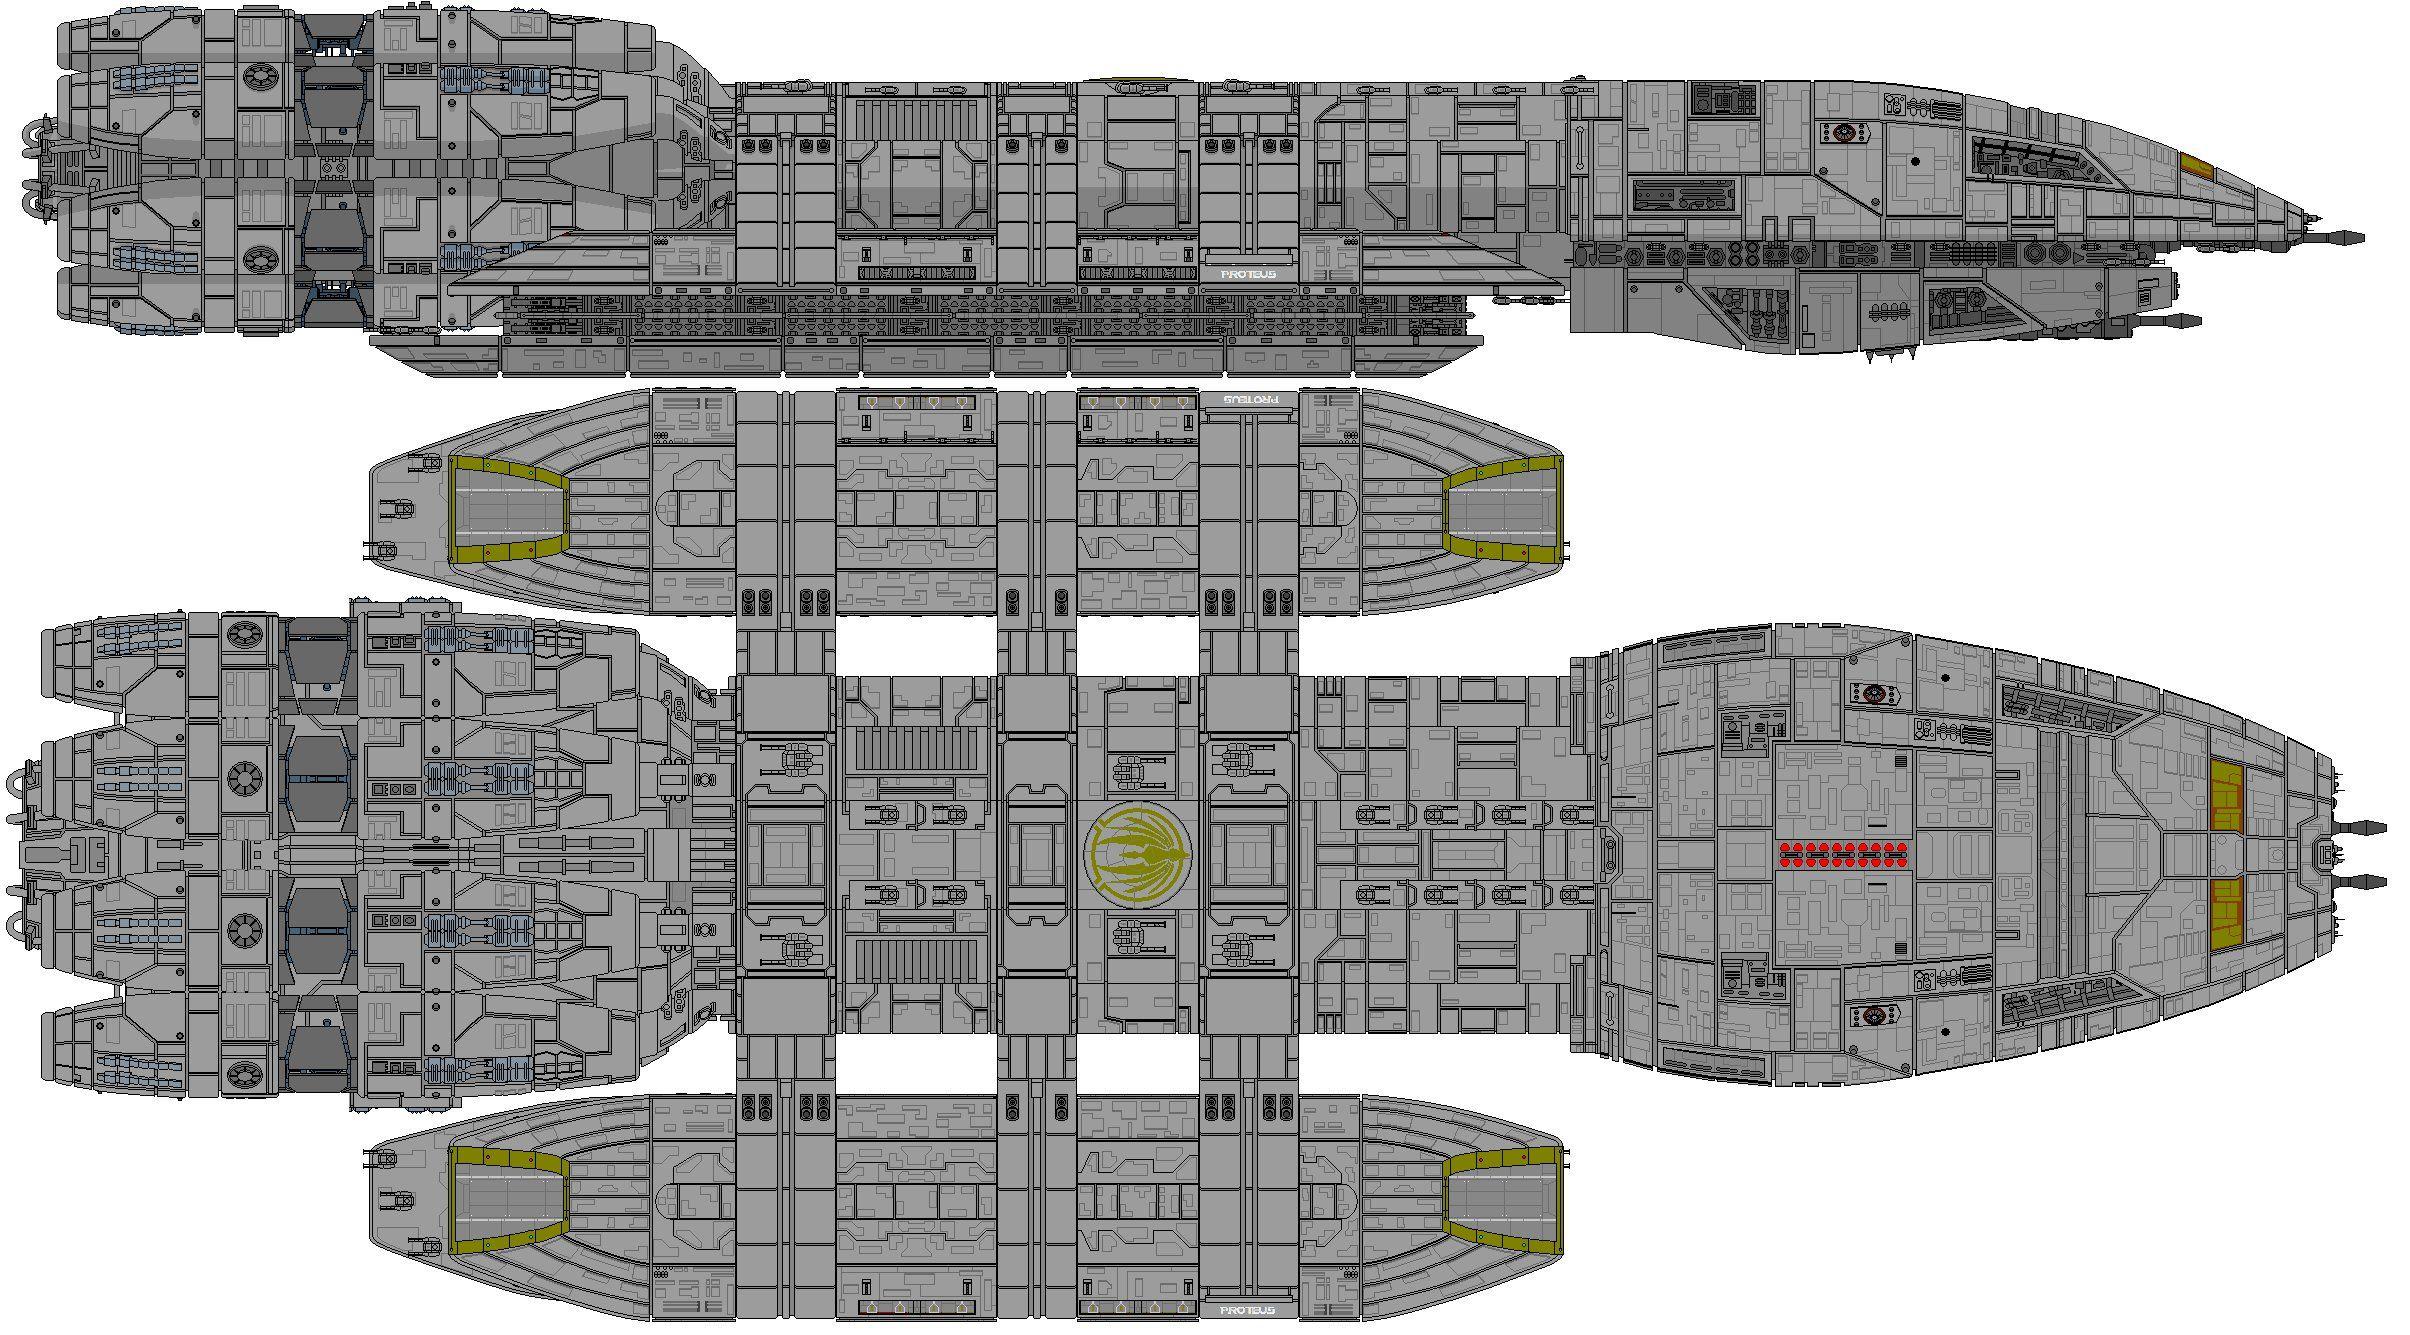 Battlestar Proteus by kavinveldar on DeviantArt